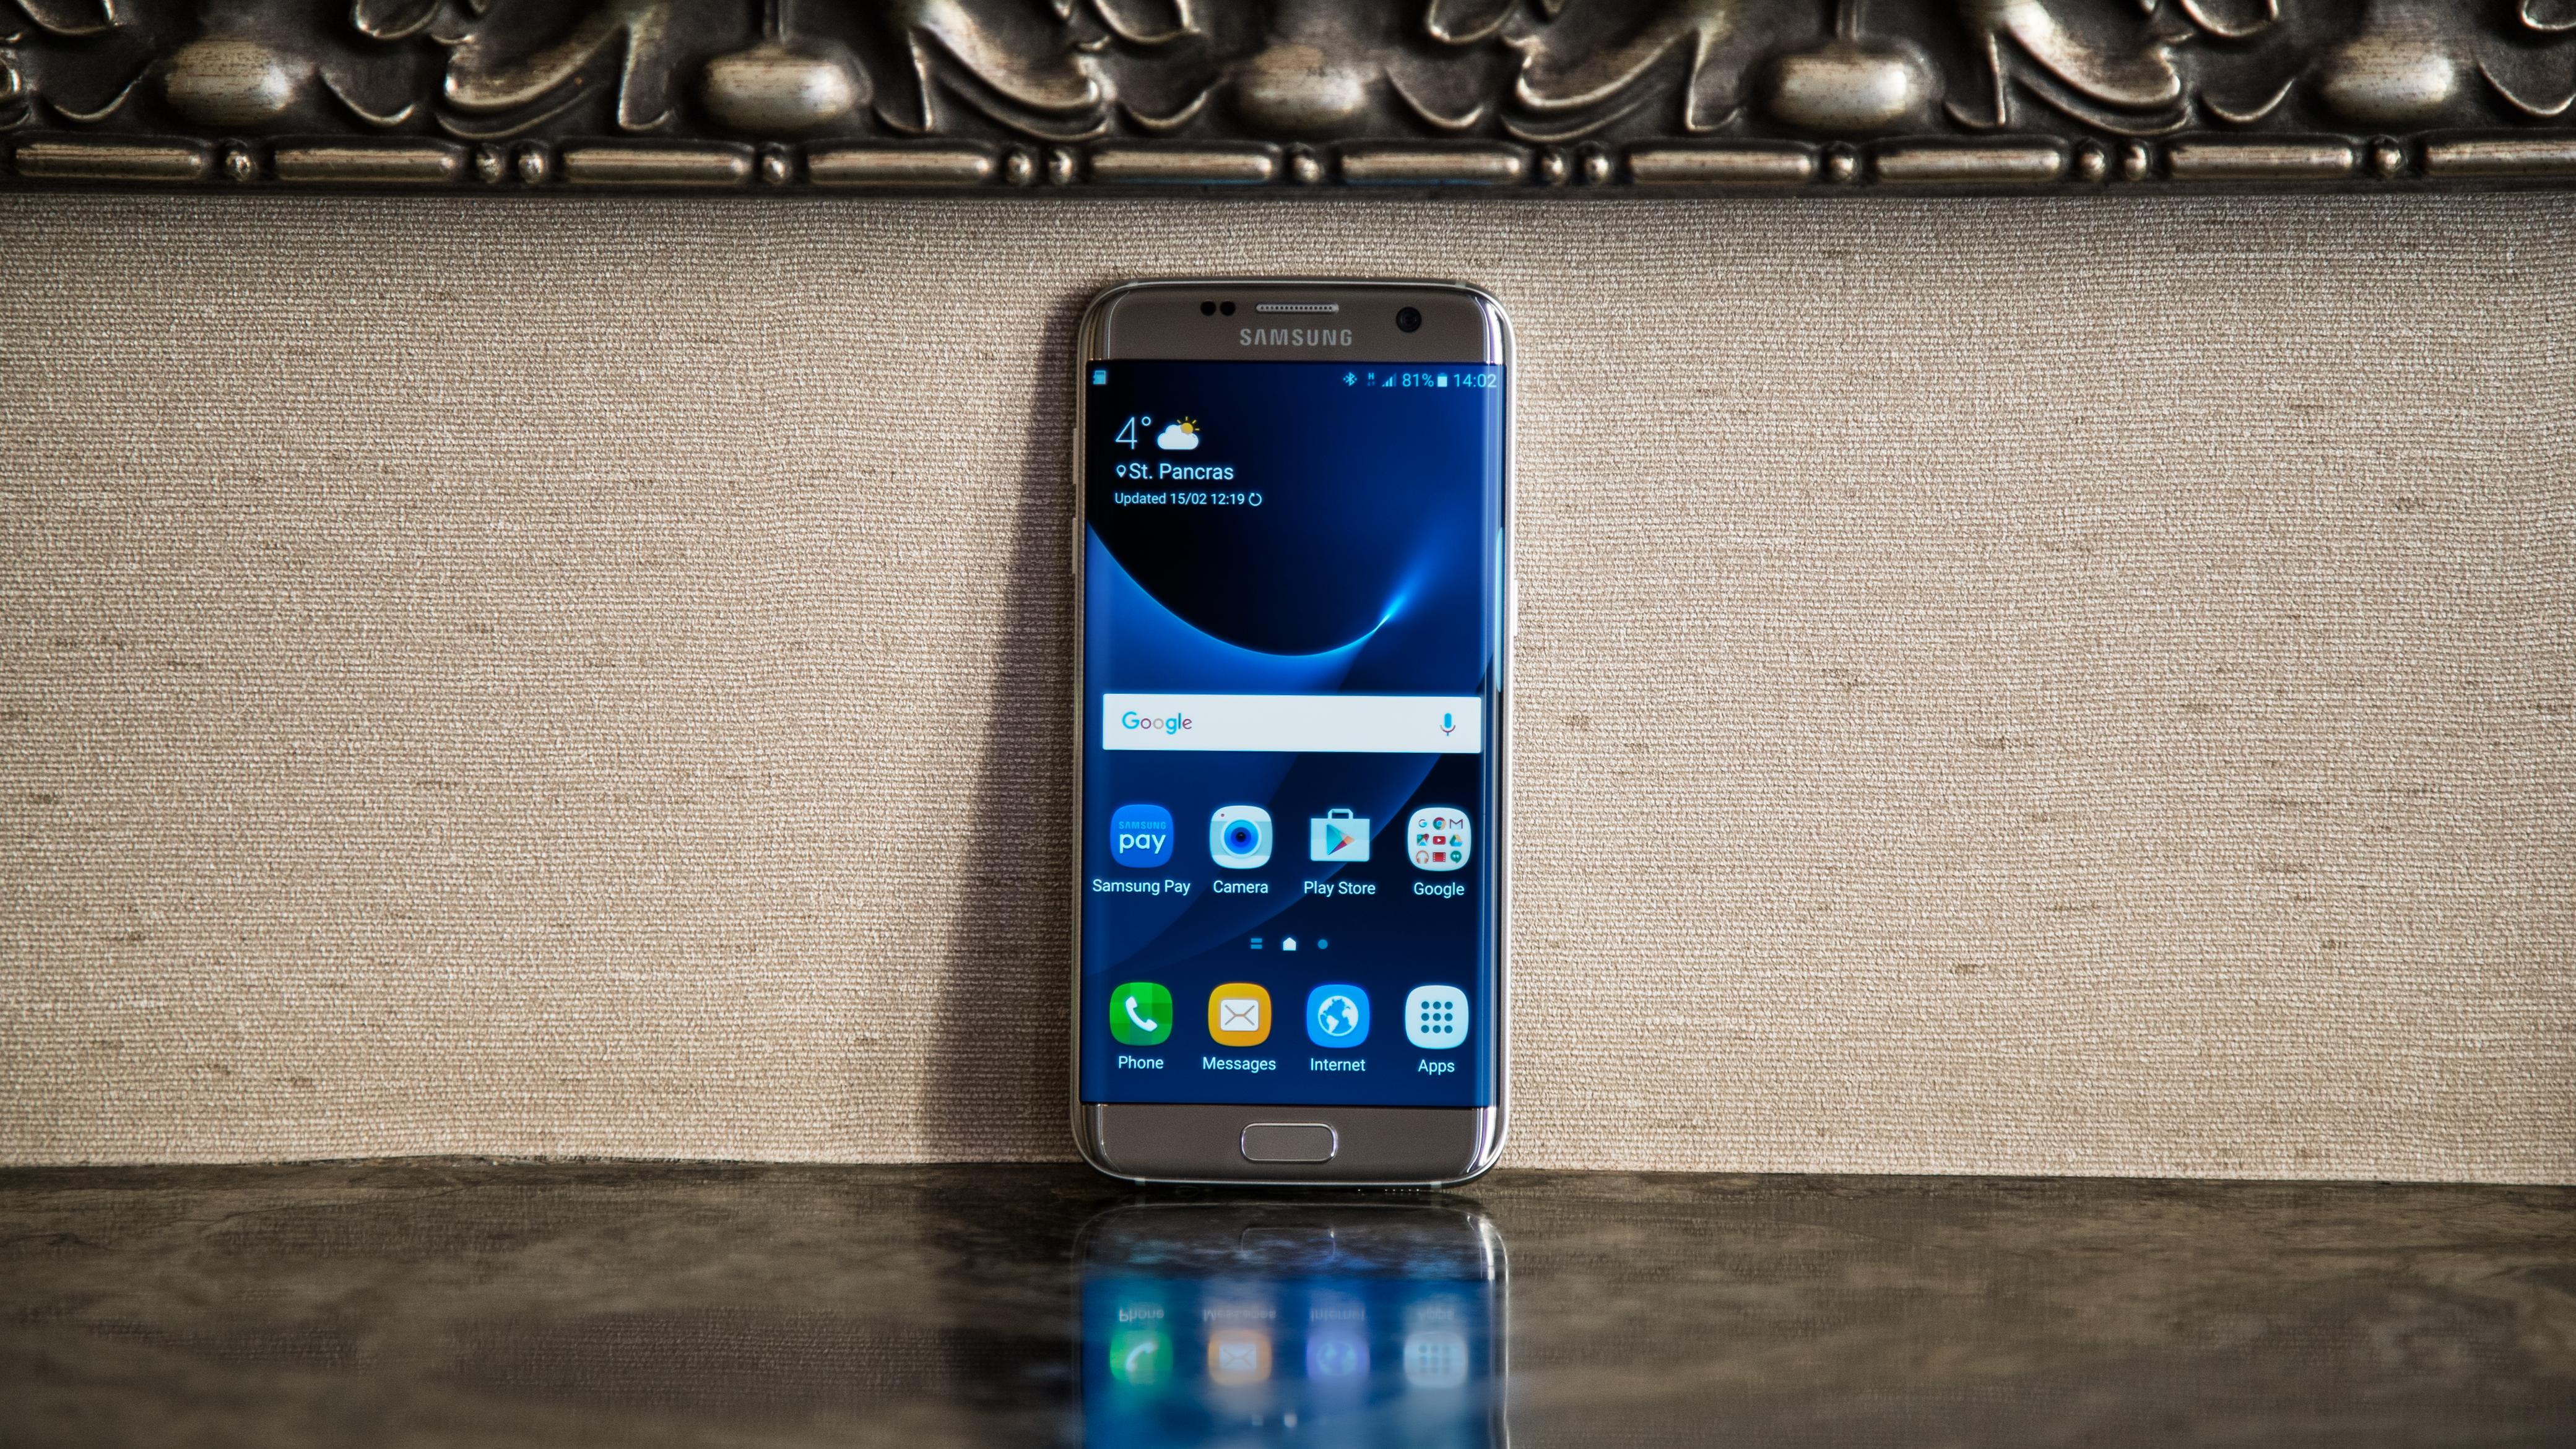 Samsung Galaxy S7 edge Samsung Galaxy